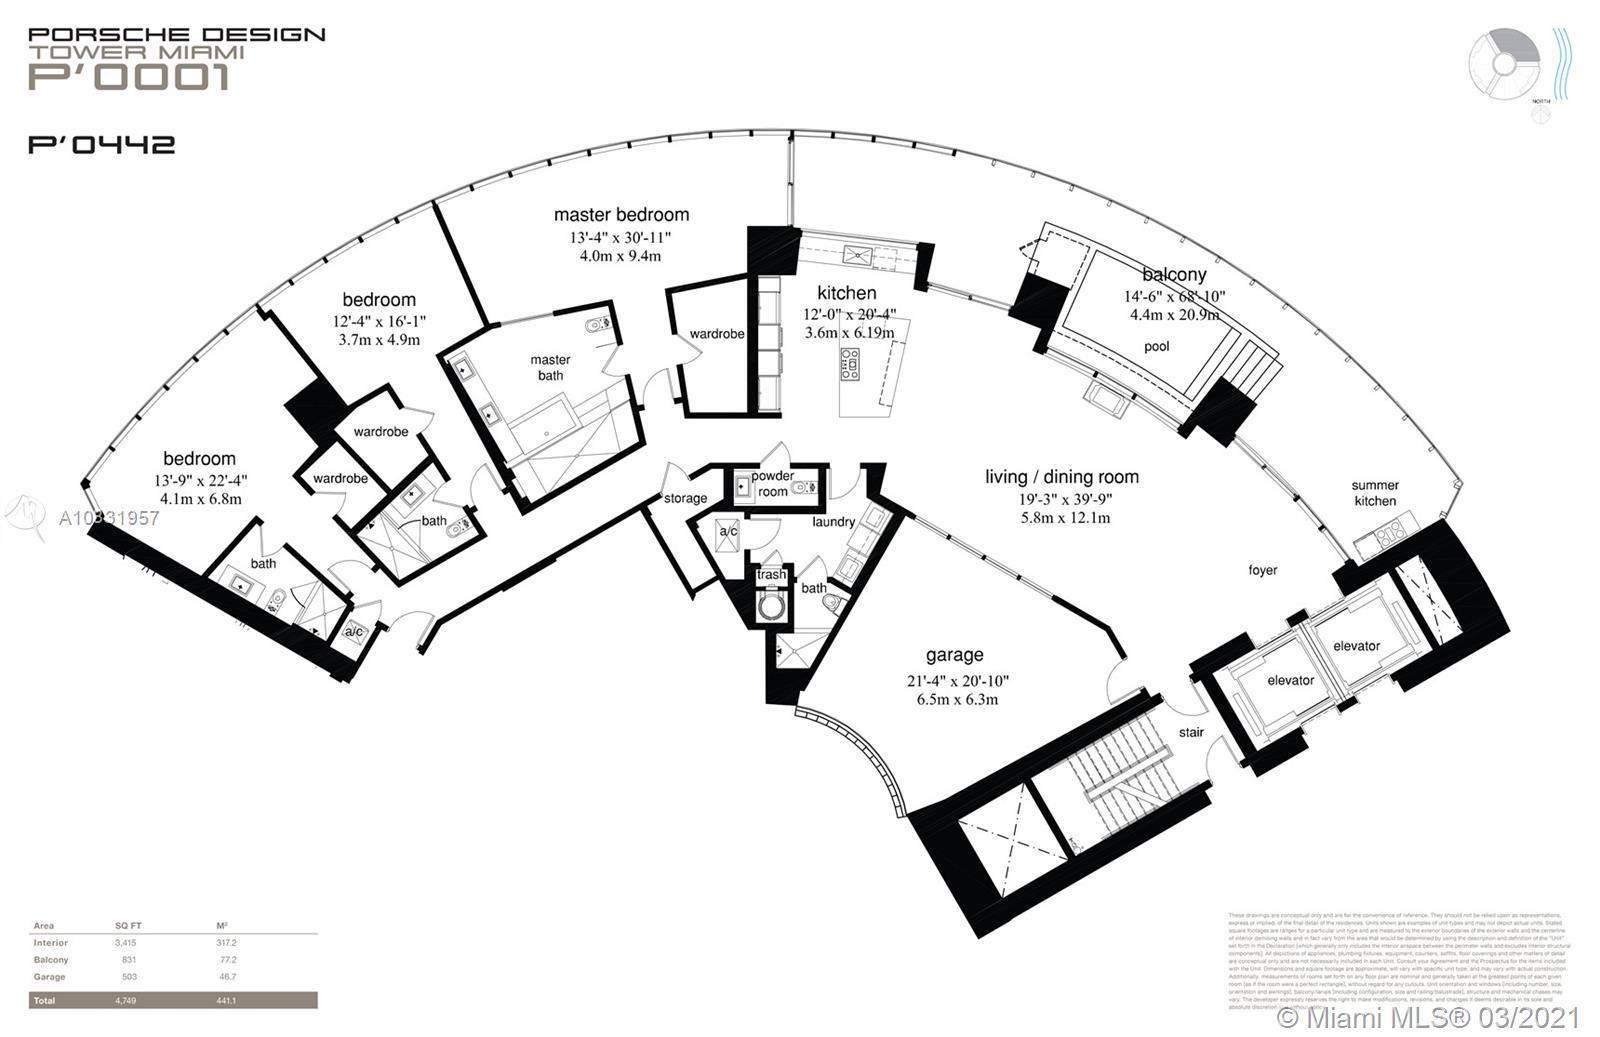 Porsche Design Tower image #59